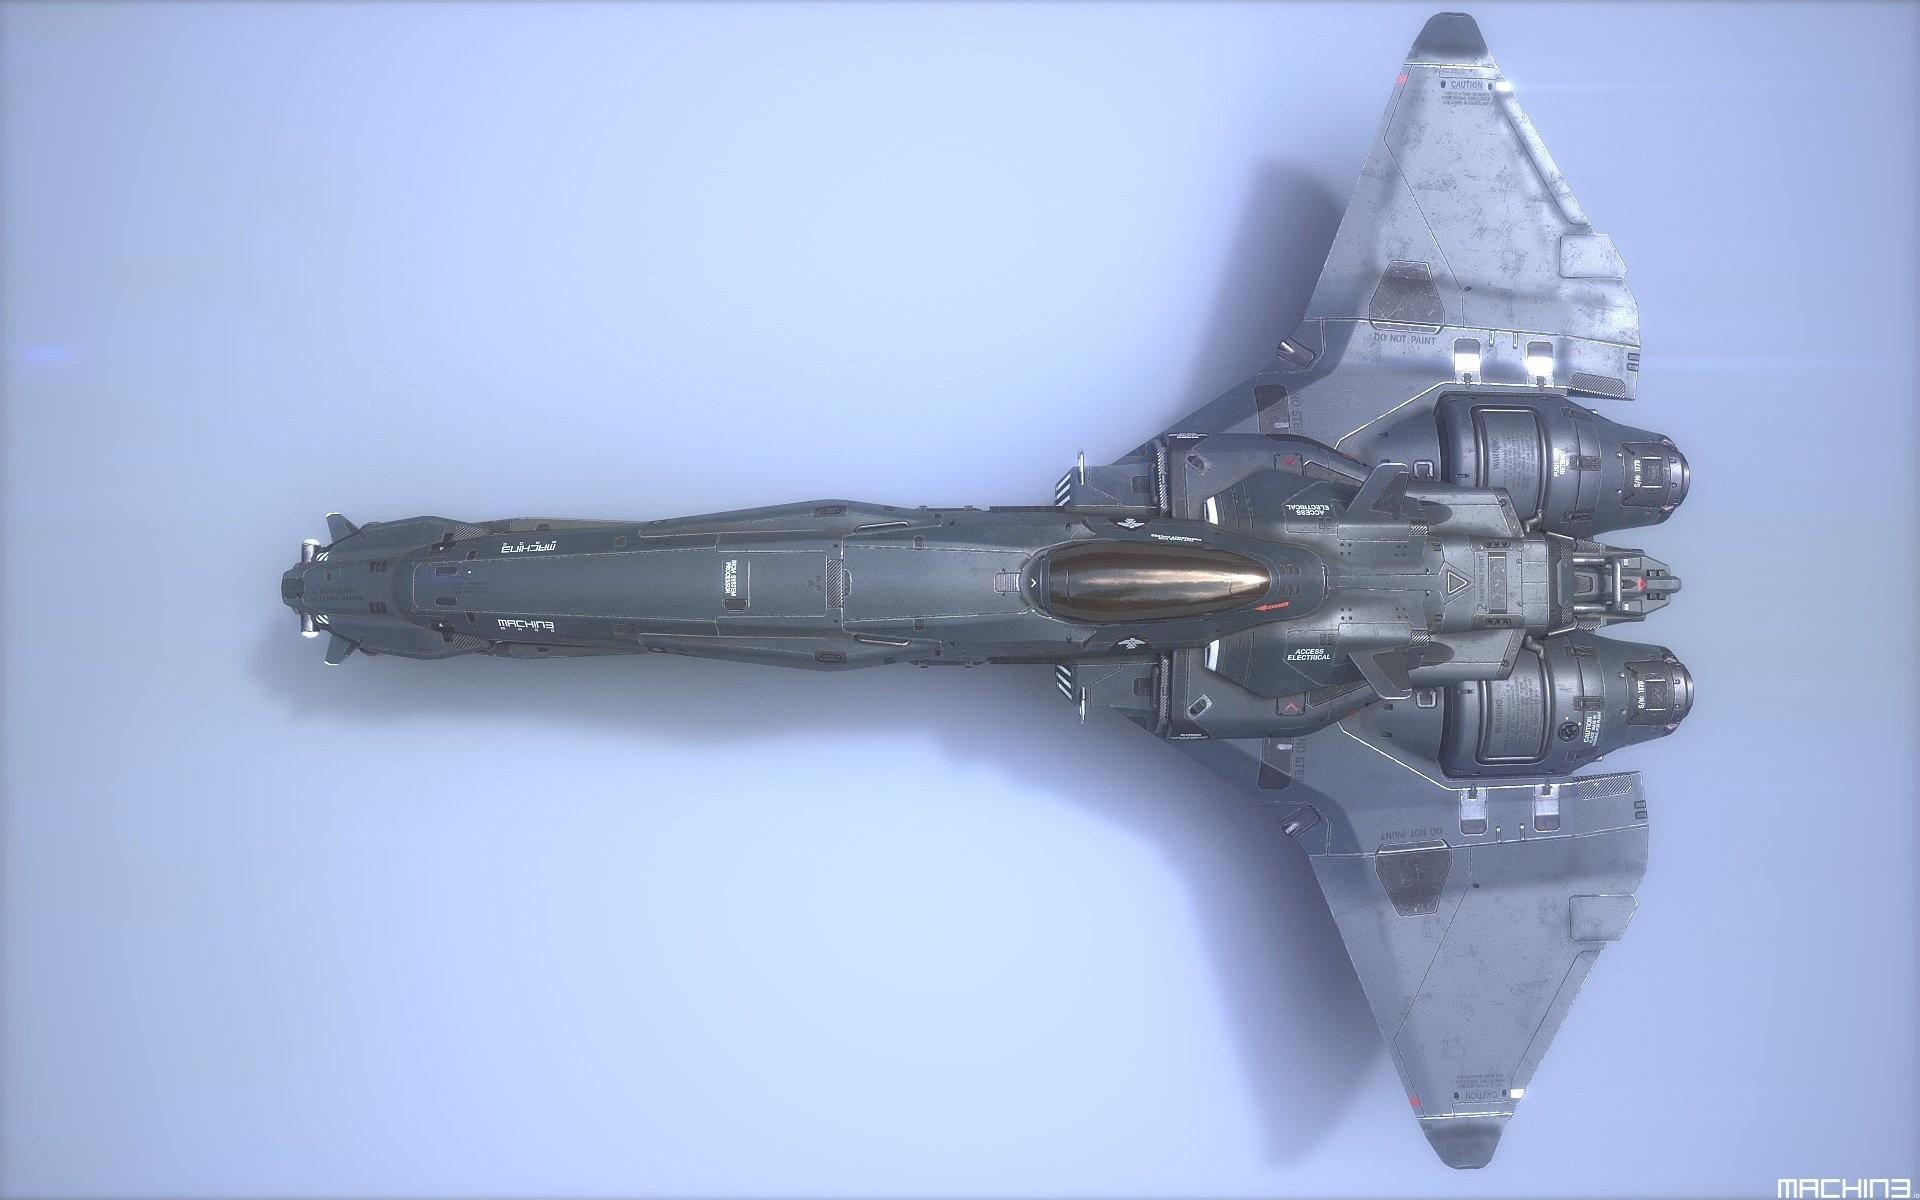 machin-starfighter-render10.jpg?14908002